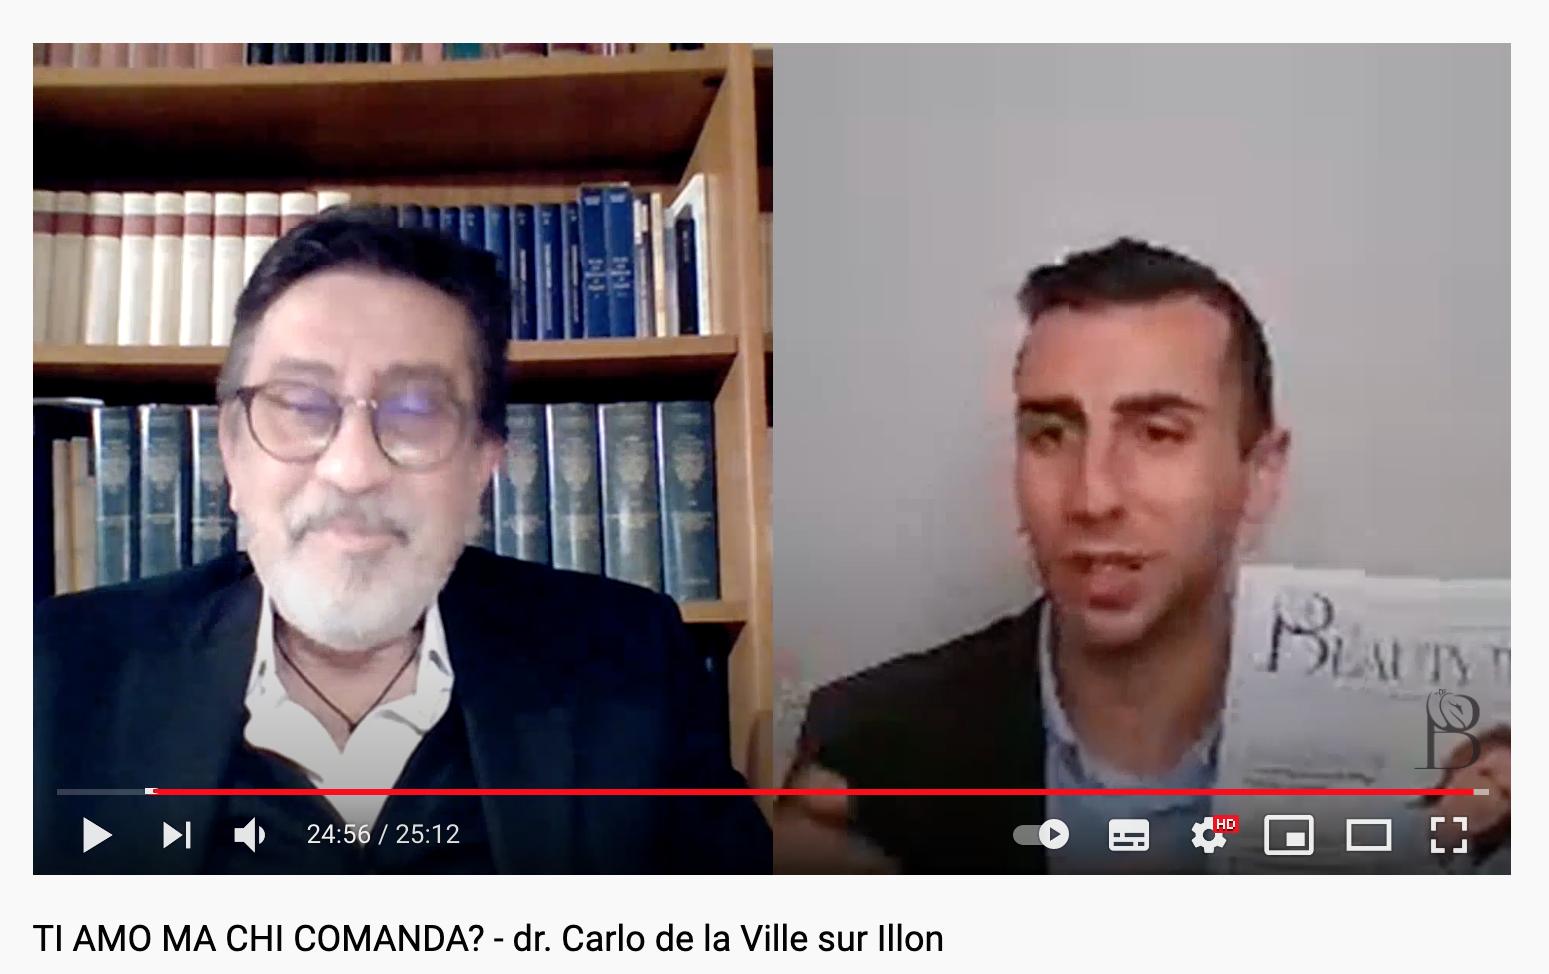 TI AMO MA CHI COMANDA? Intervista al dr. CARLO DE LA VILLE SUR ILLON